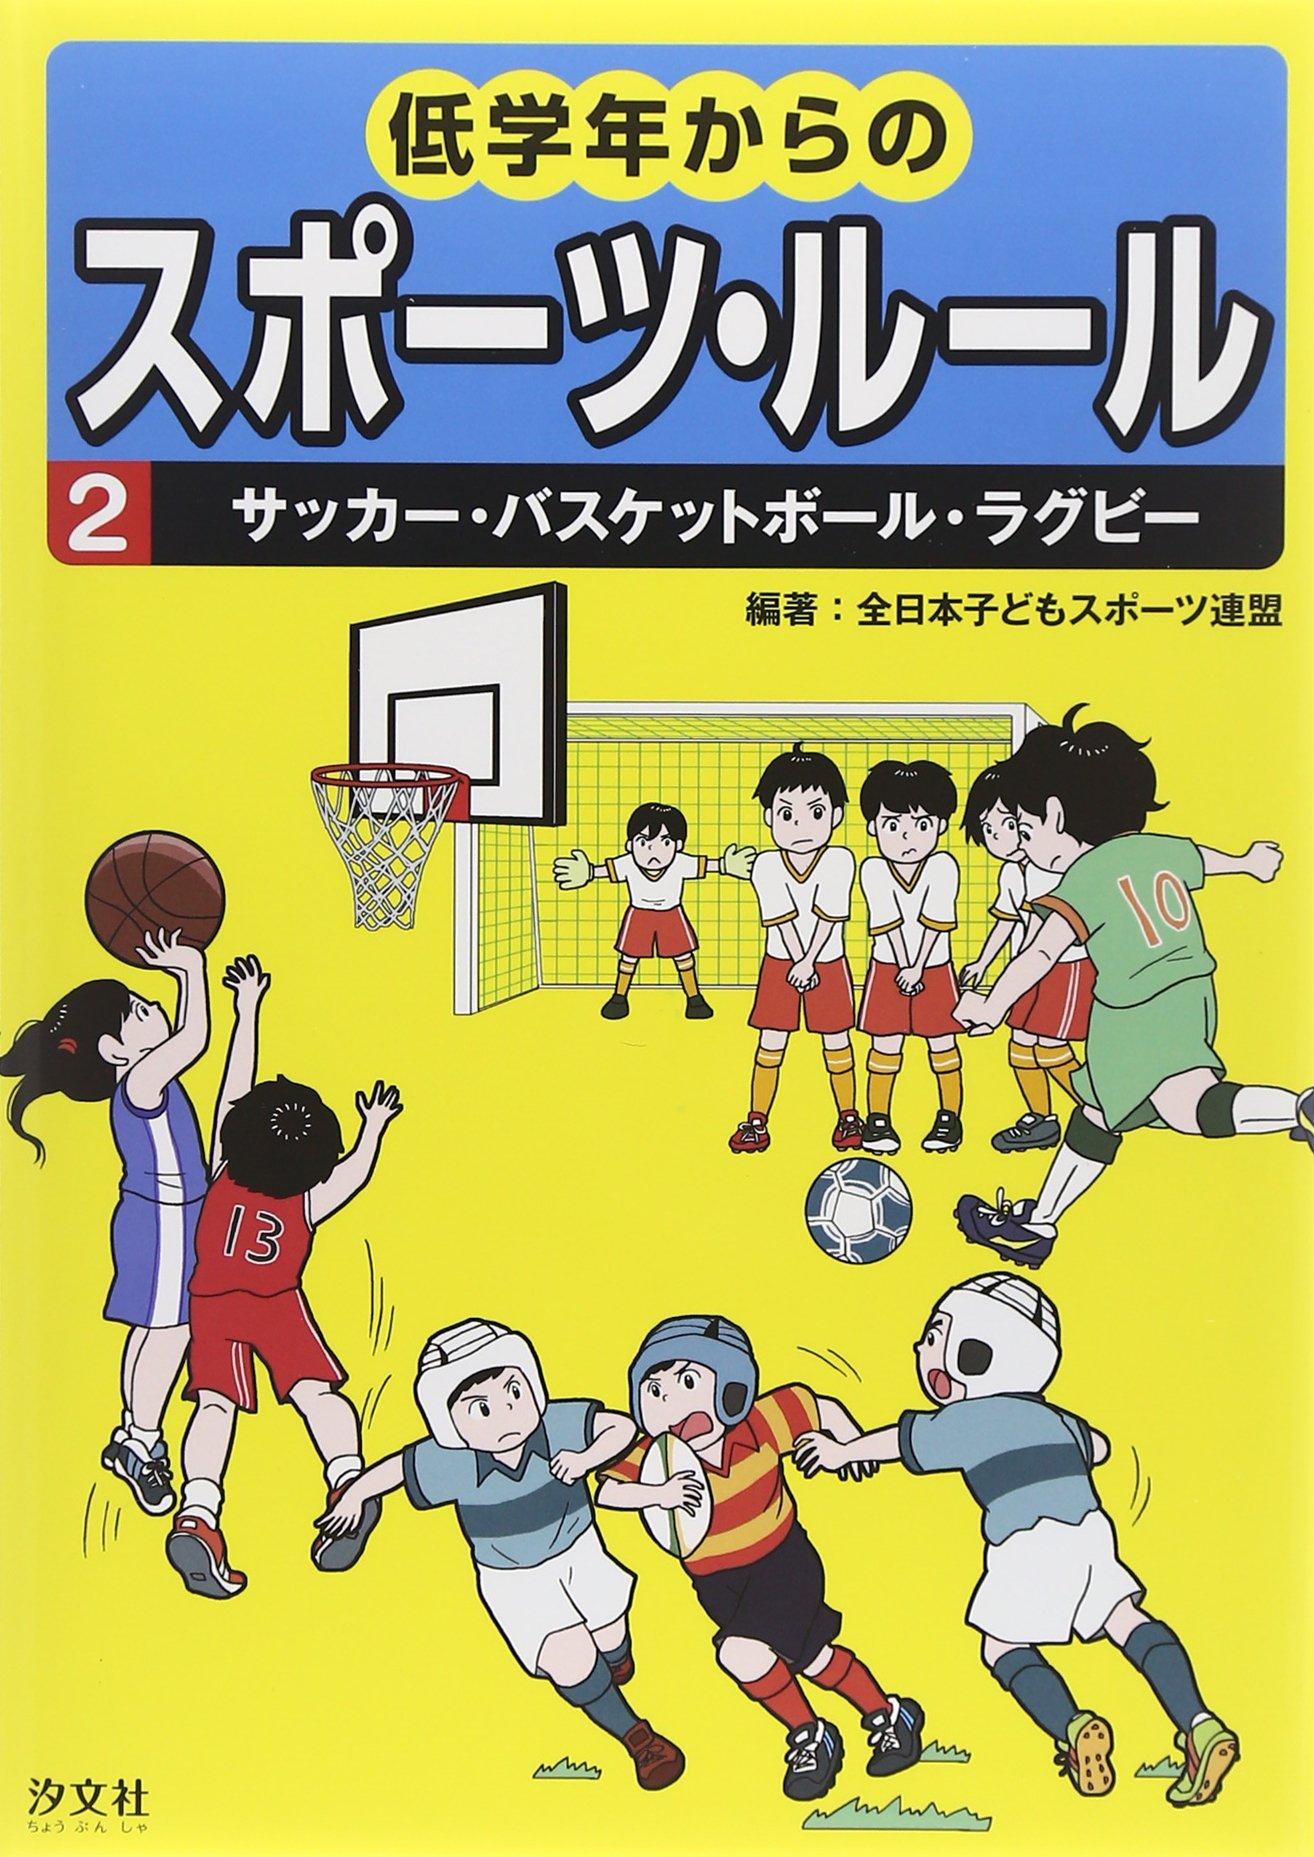 Download Teigakunen kara no supotsu ruru. 2 (Sakka basukettoboru ragubi). ebook